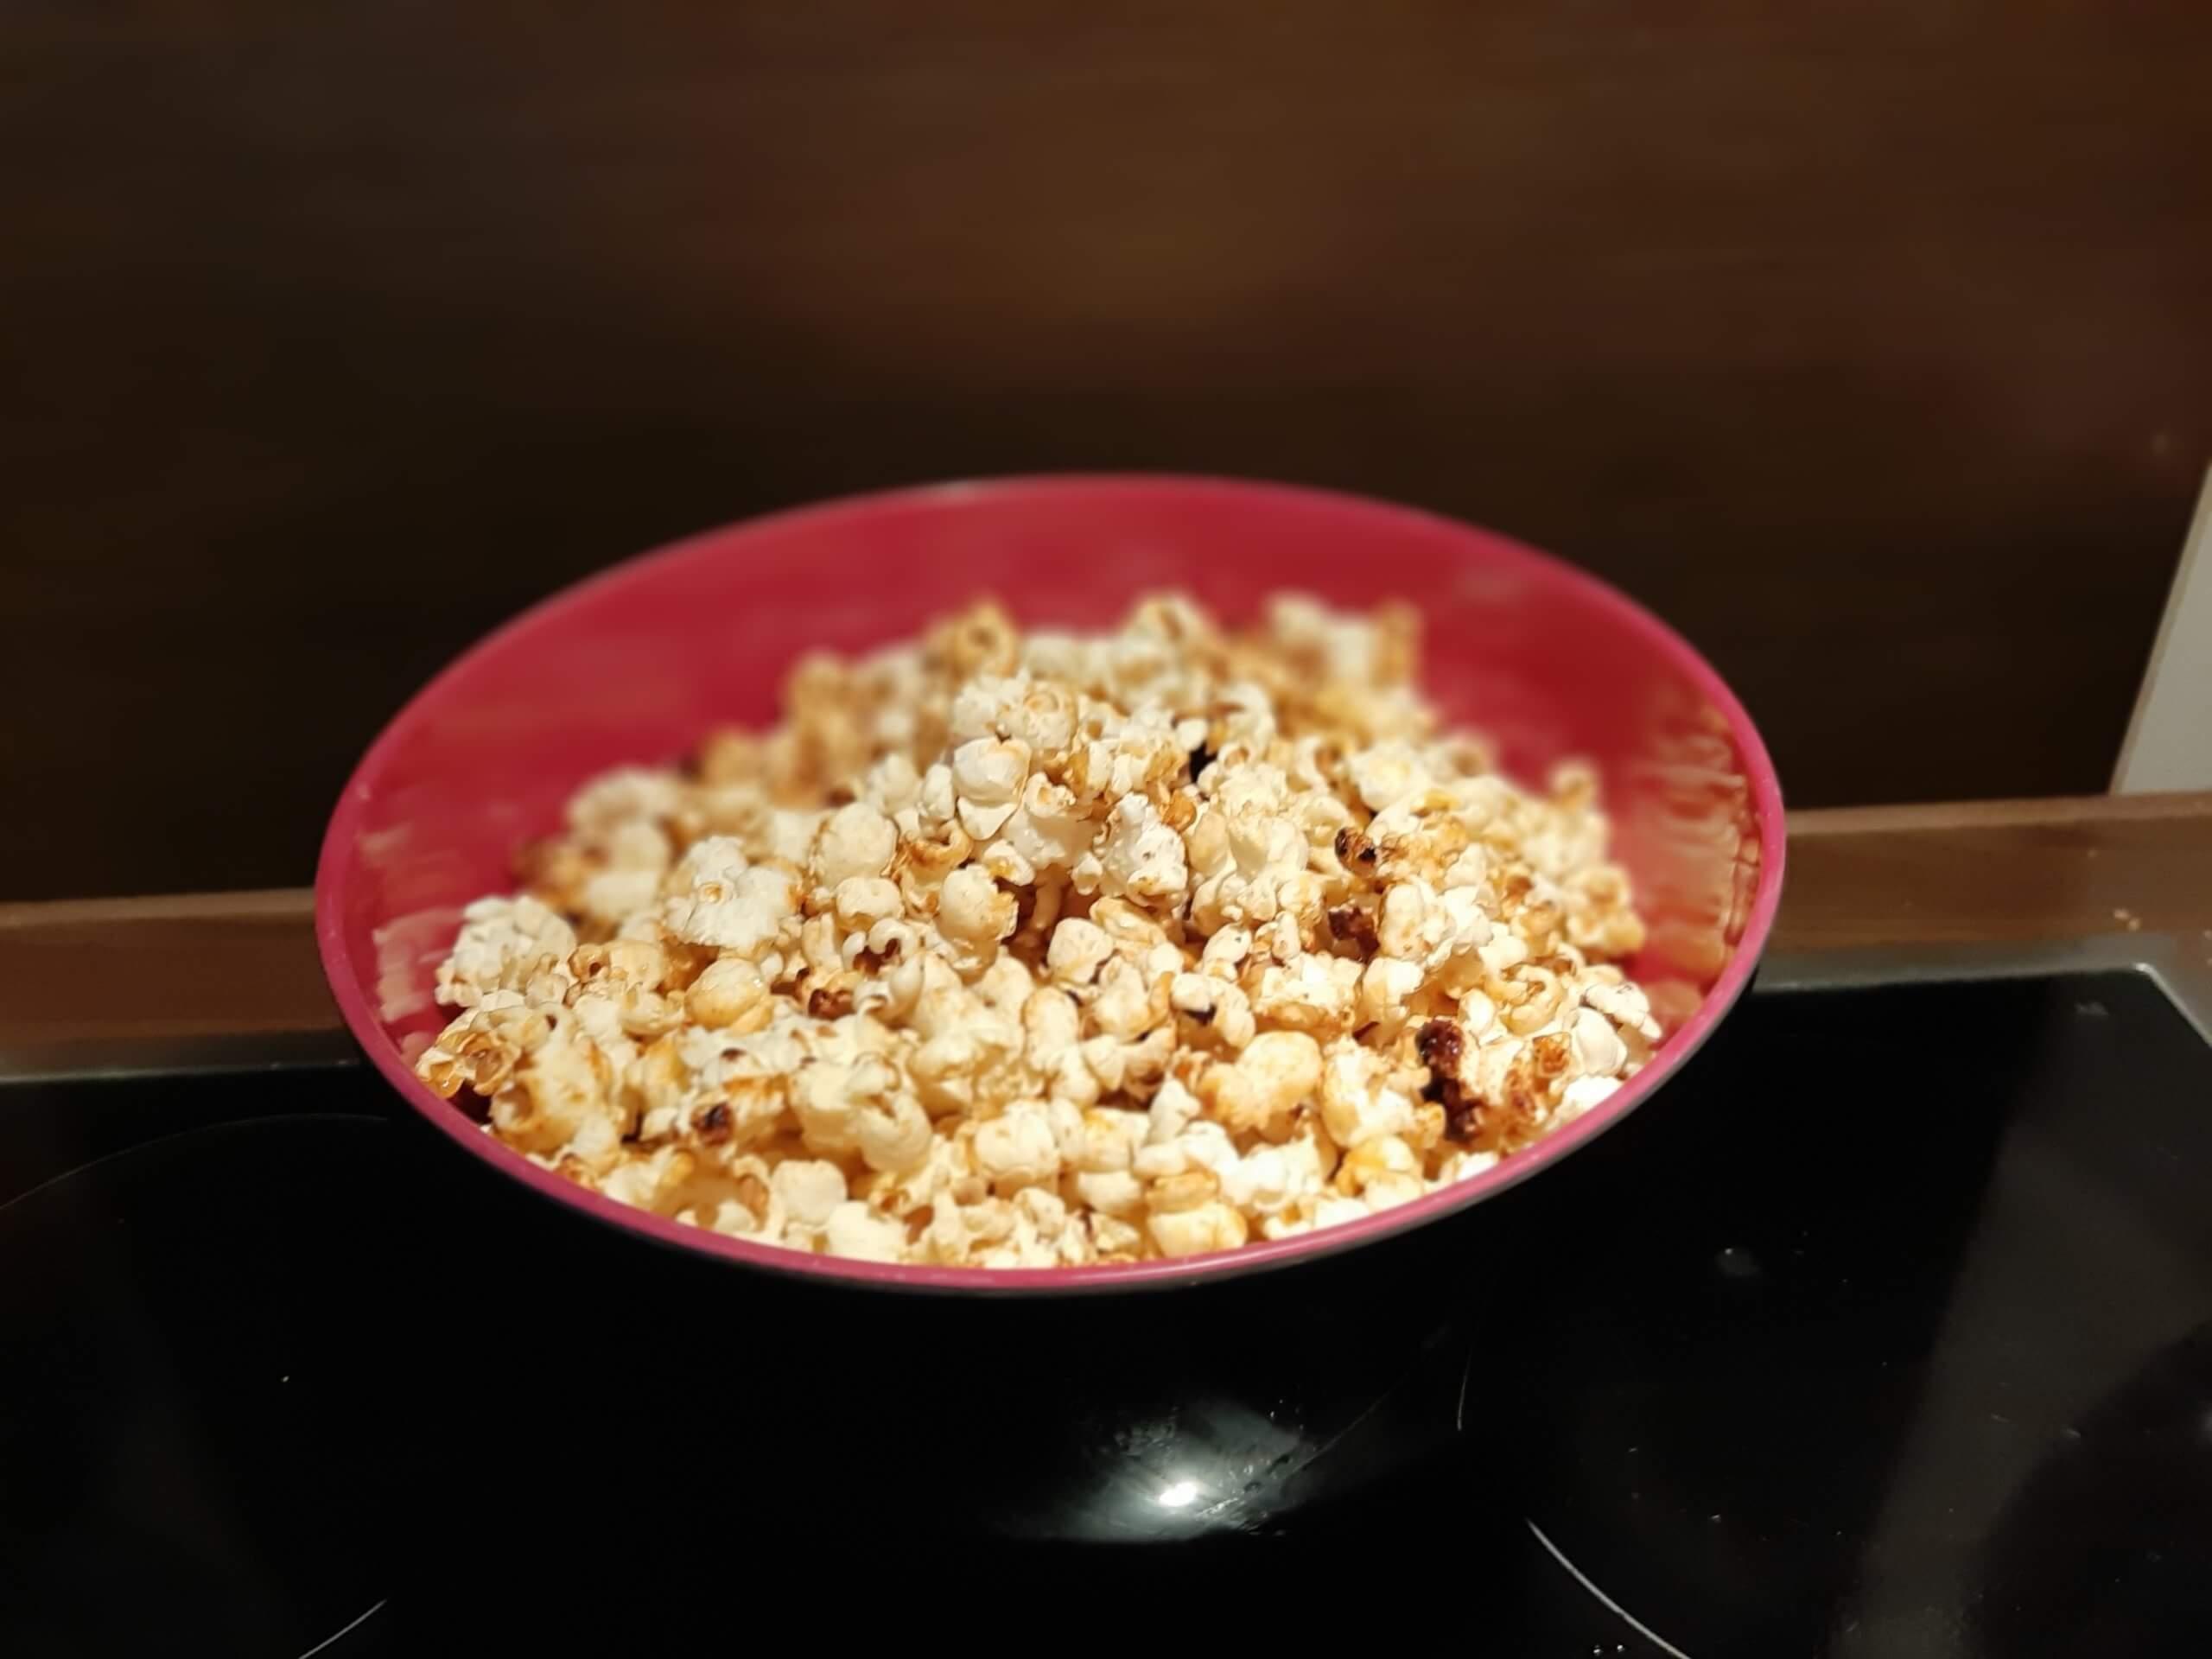 Perfektes Popcorn für den verdienten Feierabend - Tipps von Sara Käfer von justZARGEScommunicate